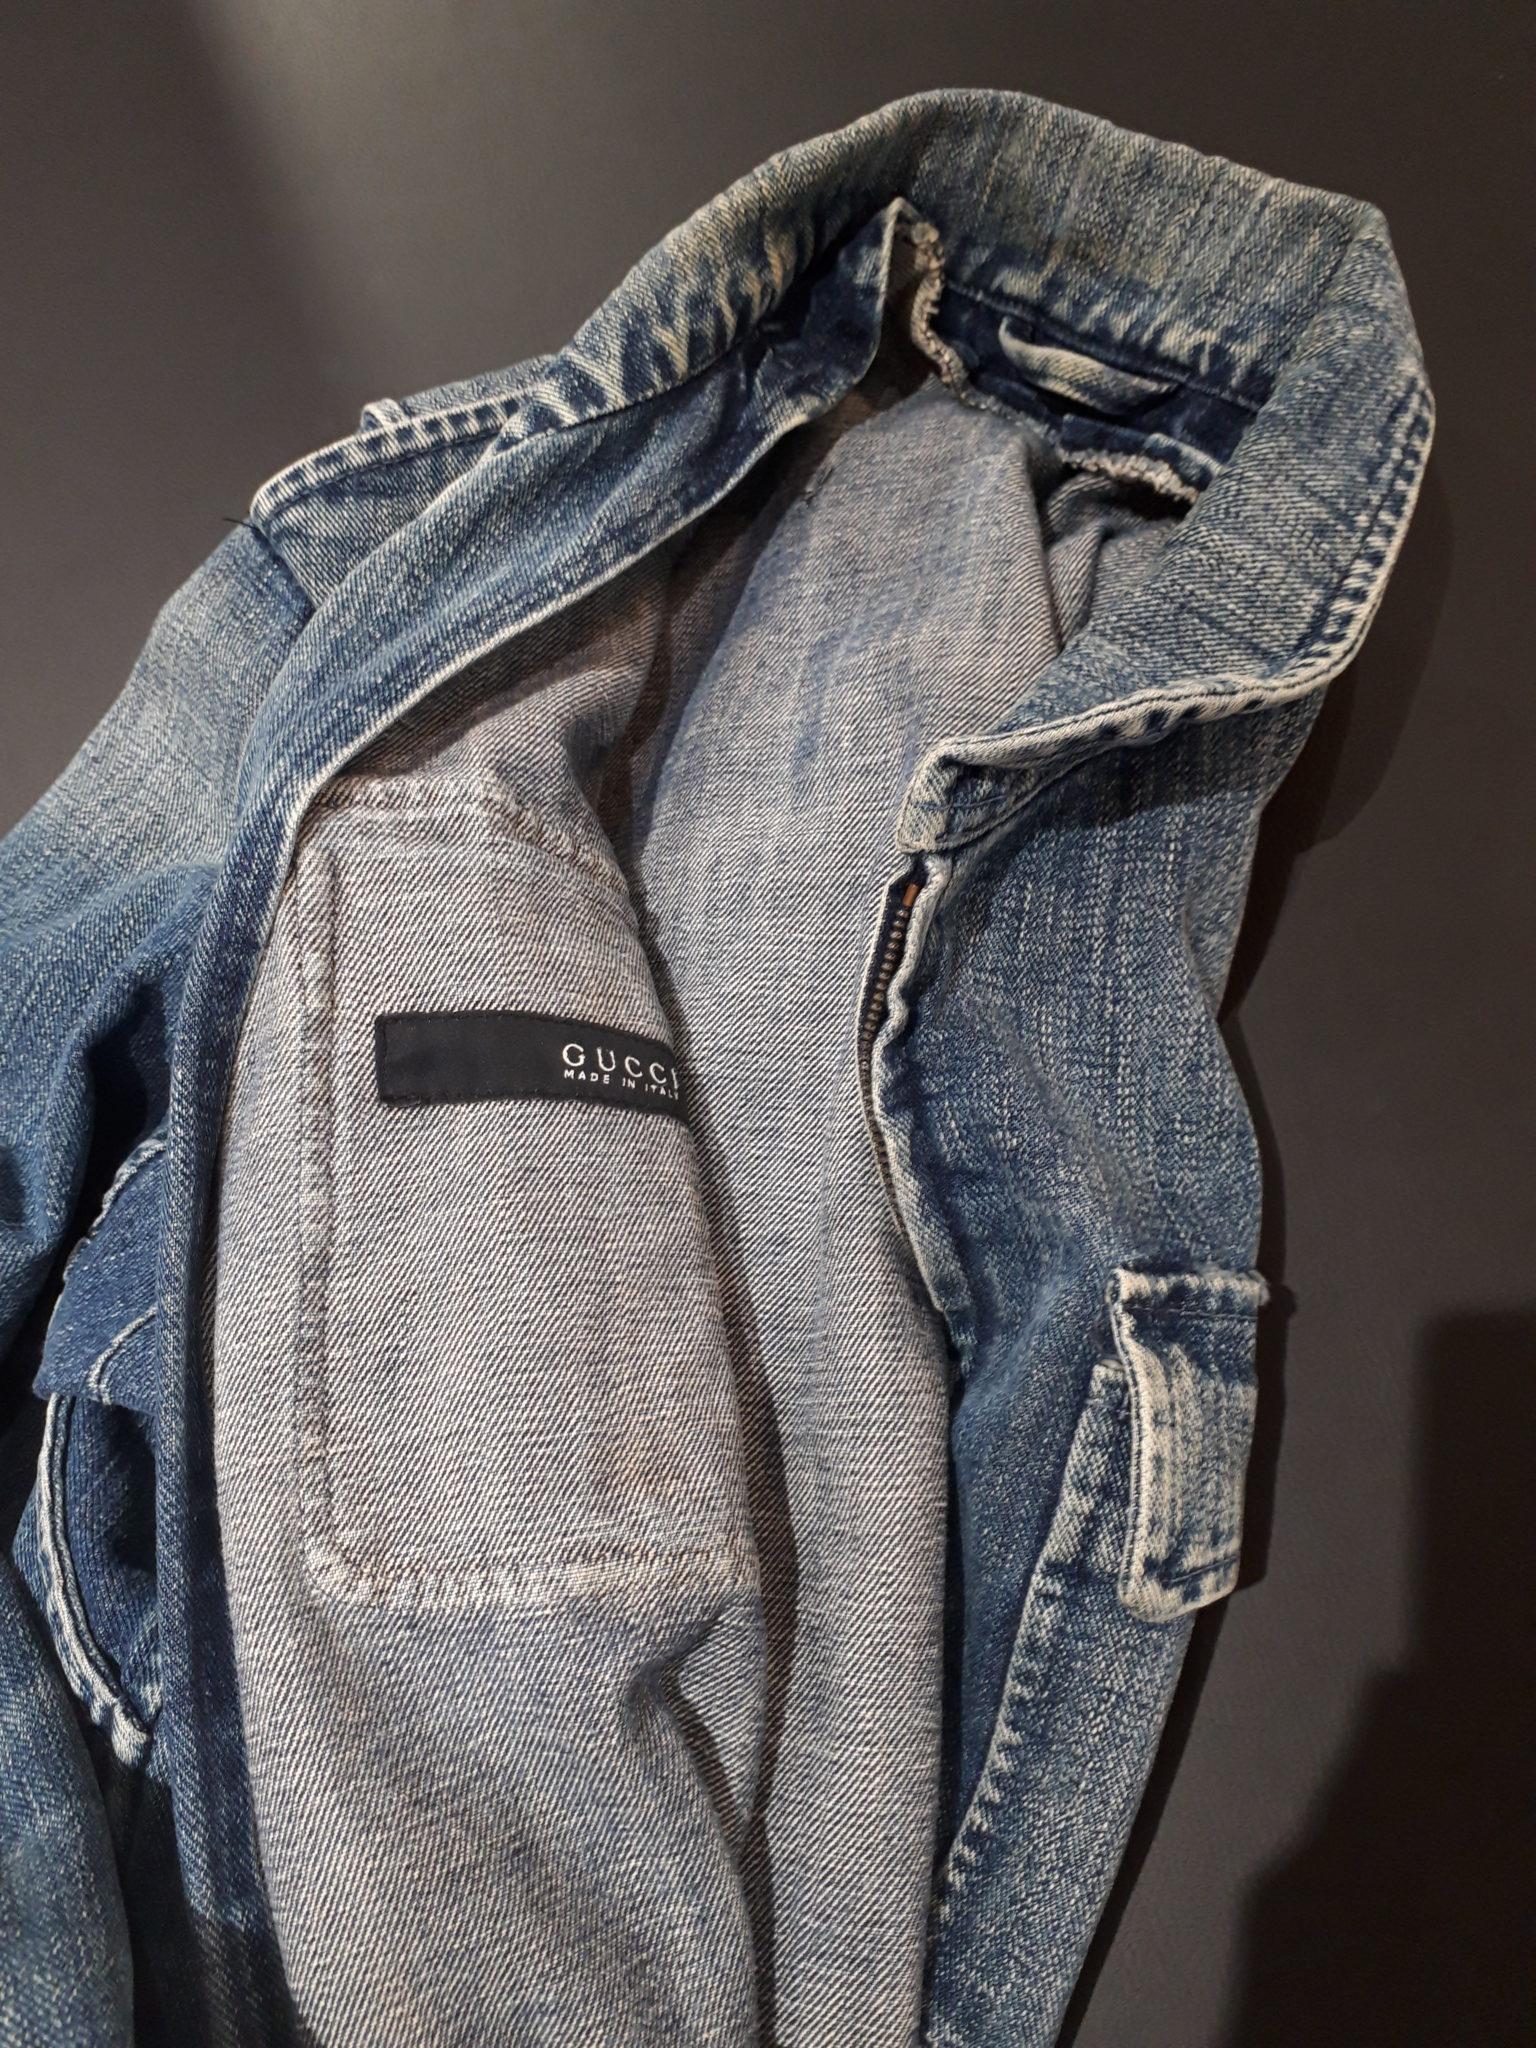 【グッチ GUCCI デニムジャケット】を盛岡市のお客様よりお買い取りさせていただきました!